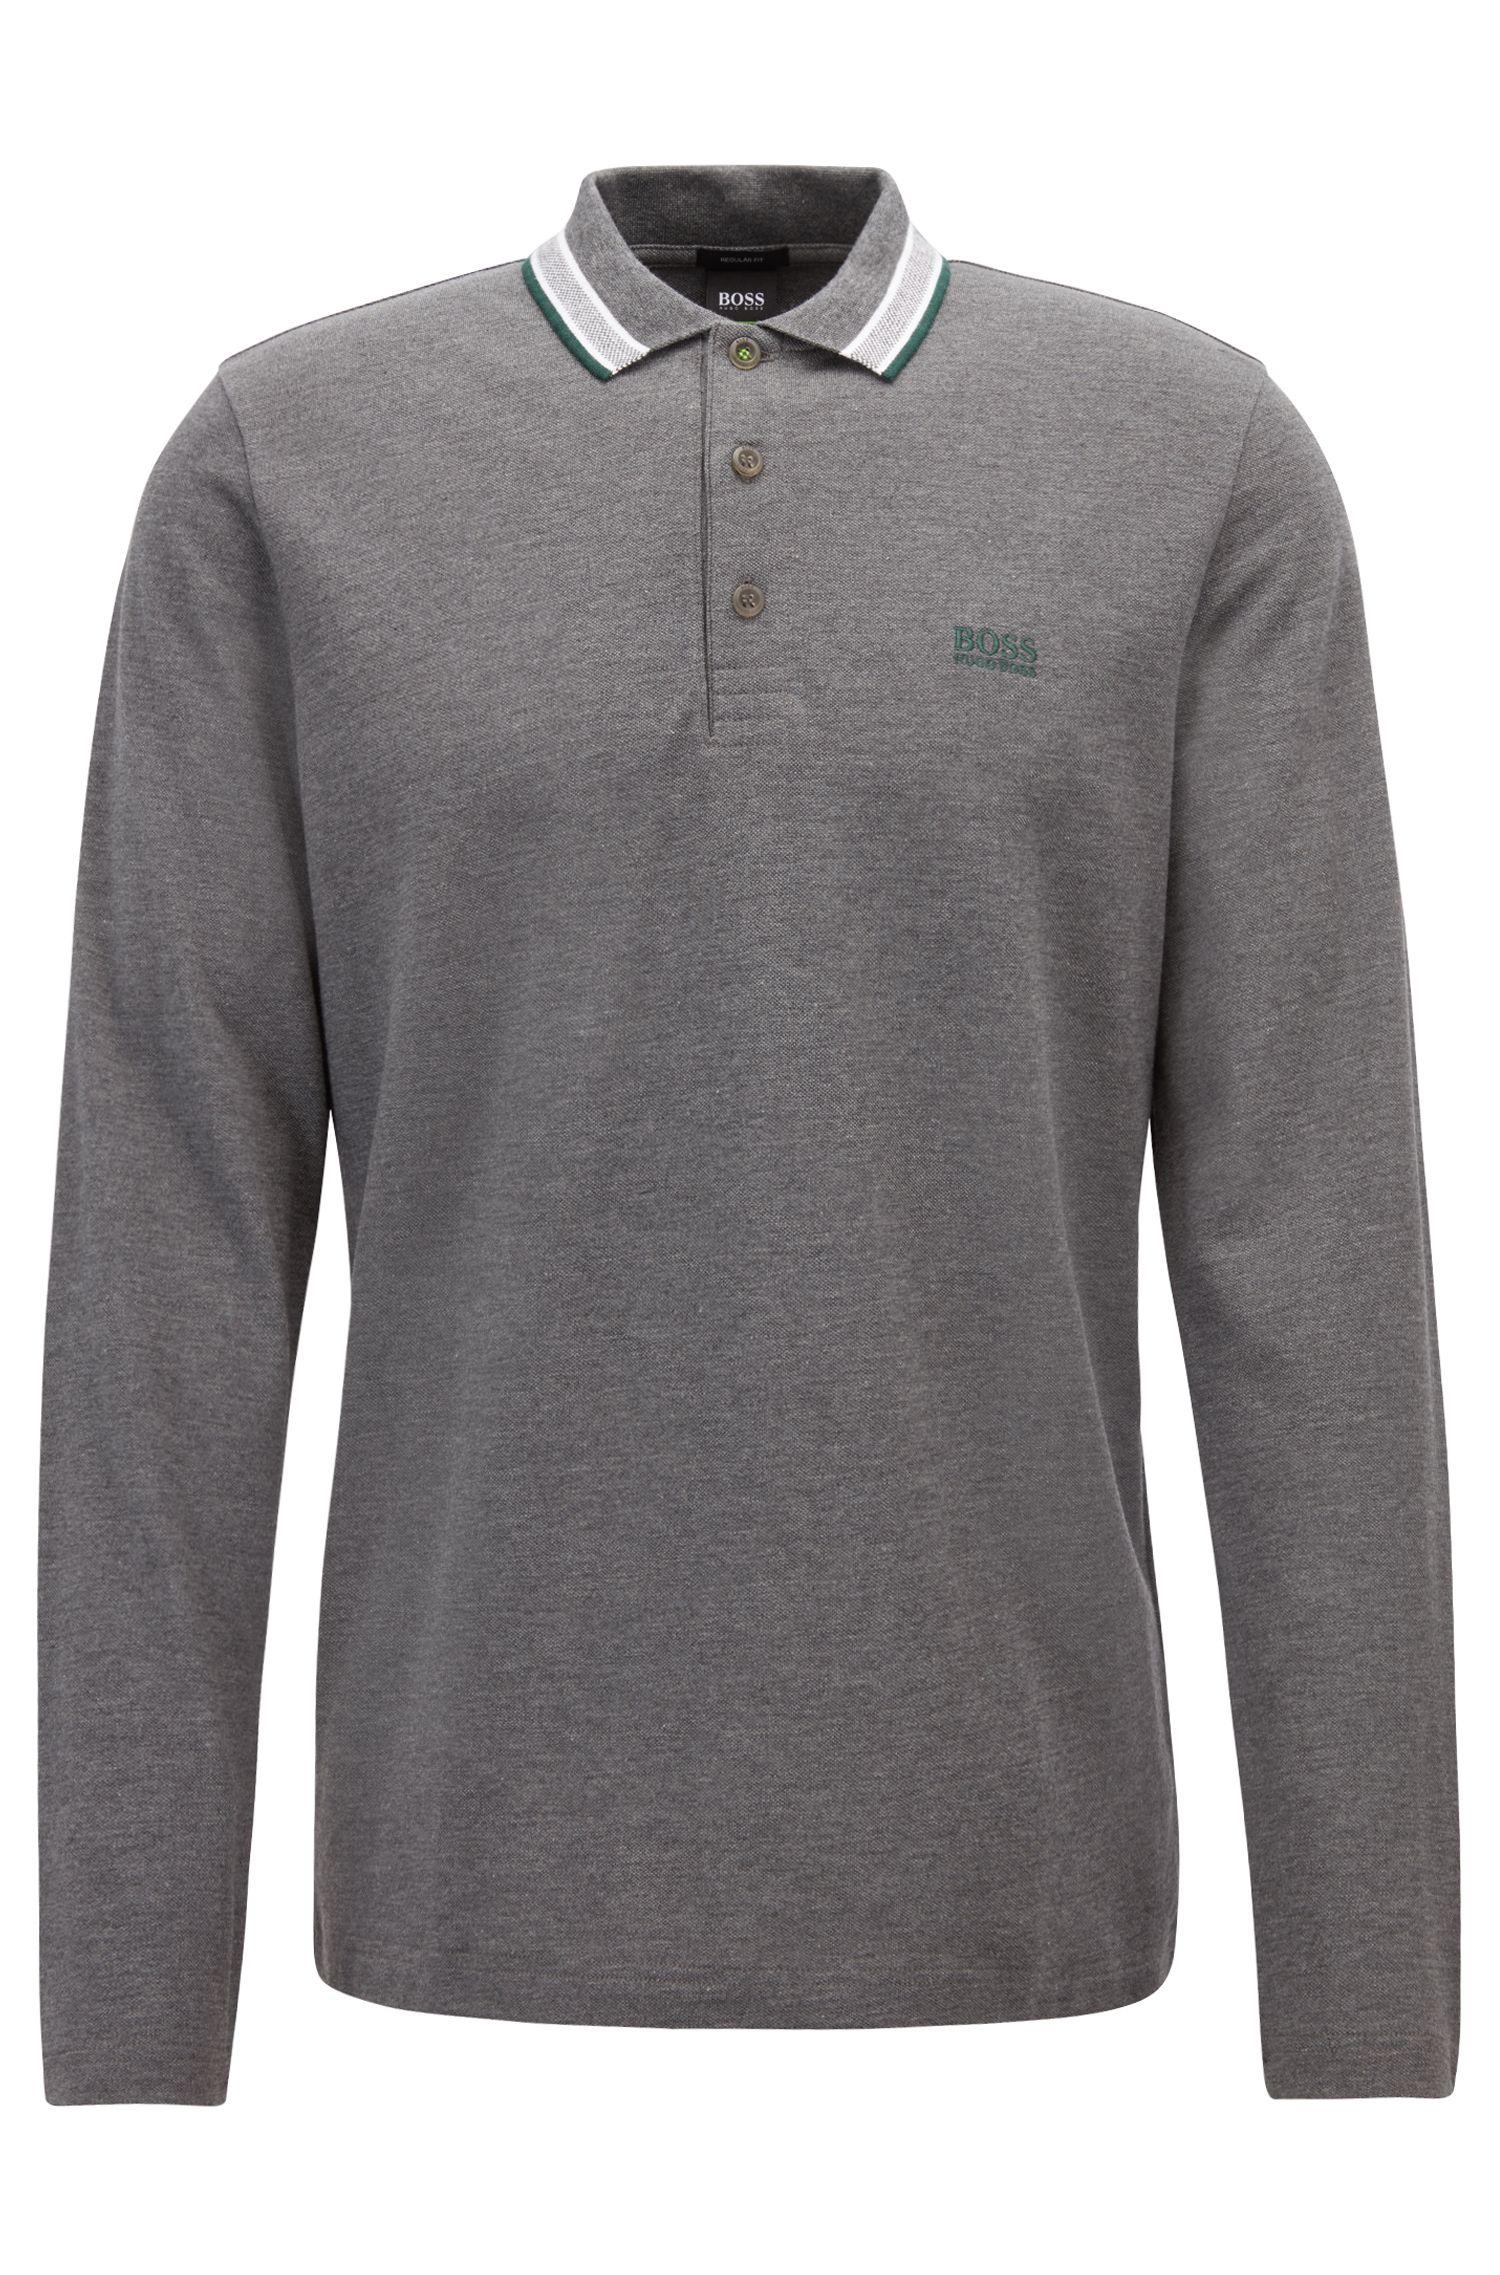 Regular-Fit Poloshirt aus Baumwoll-Piqué, Grau